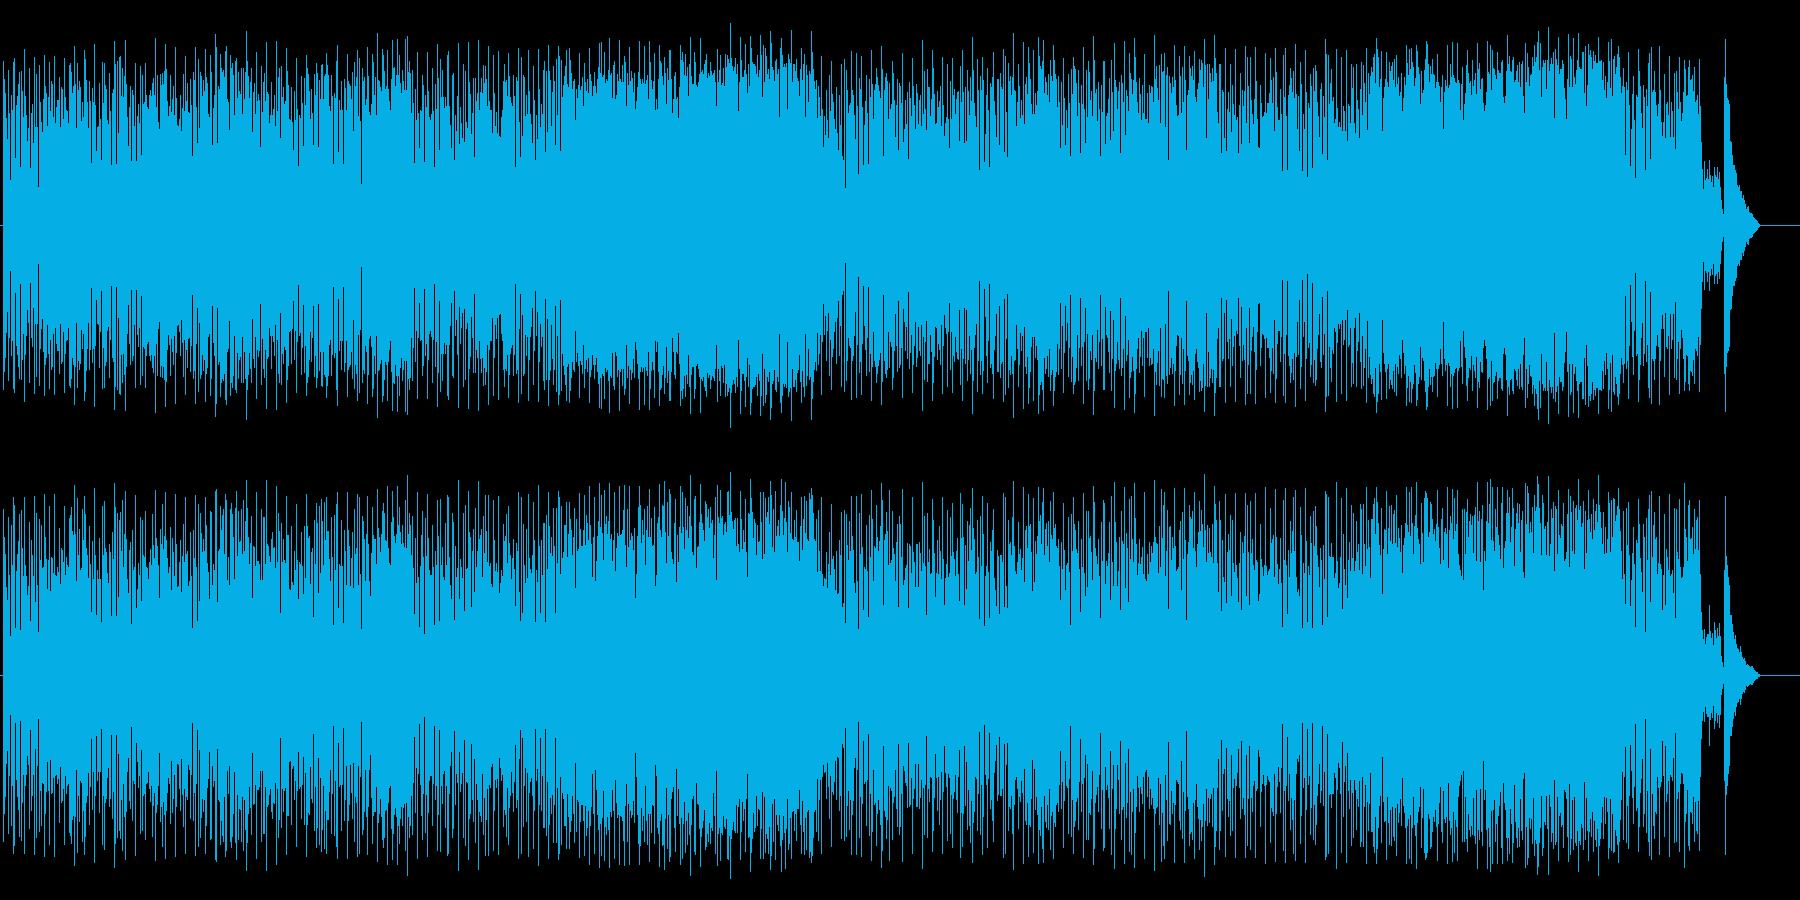 人の温かさを再確認するのどかな和風ポップの再生済みの波形